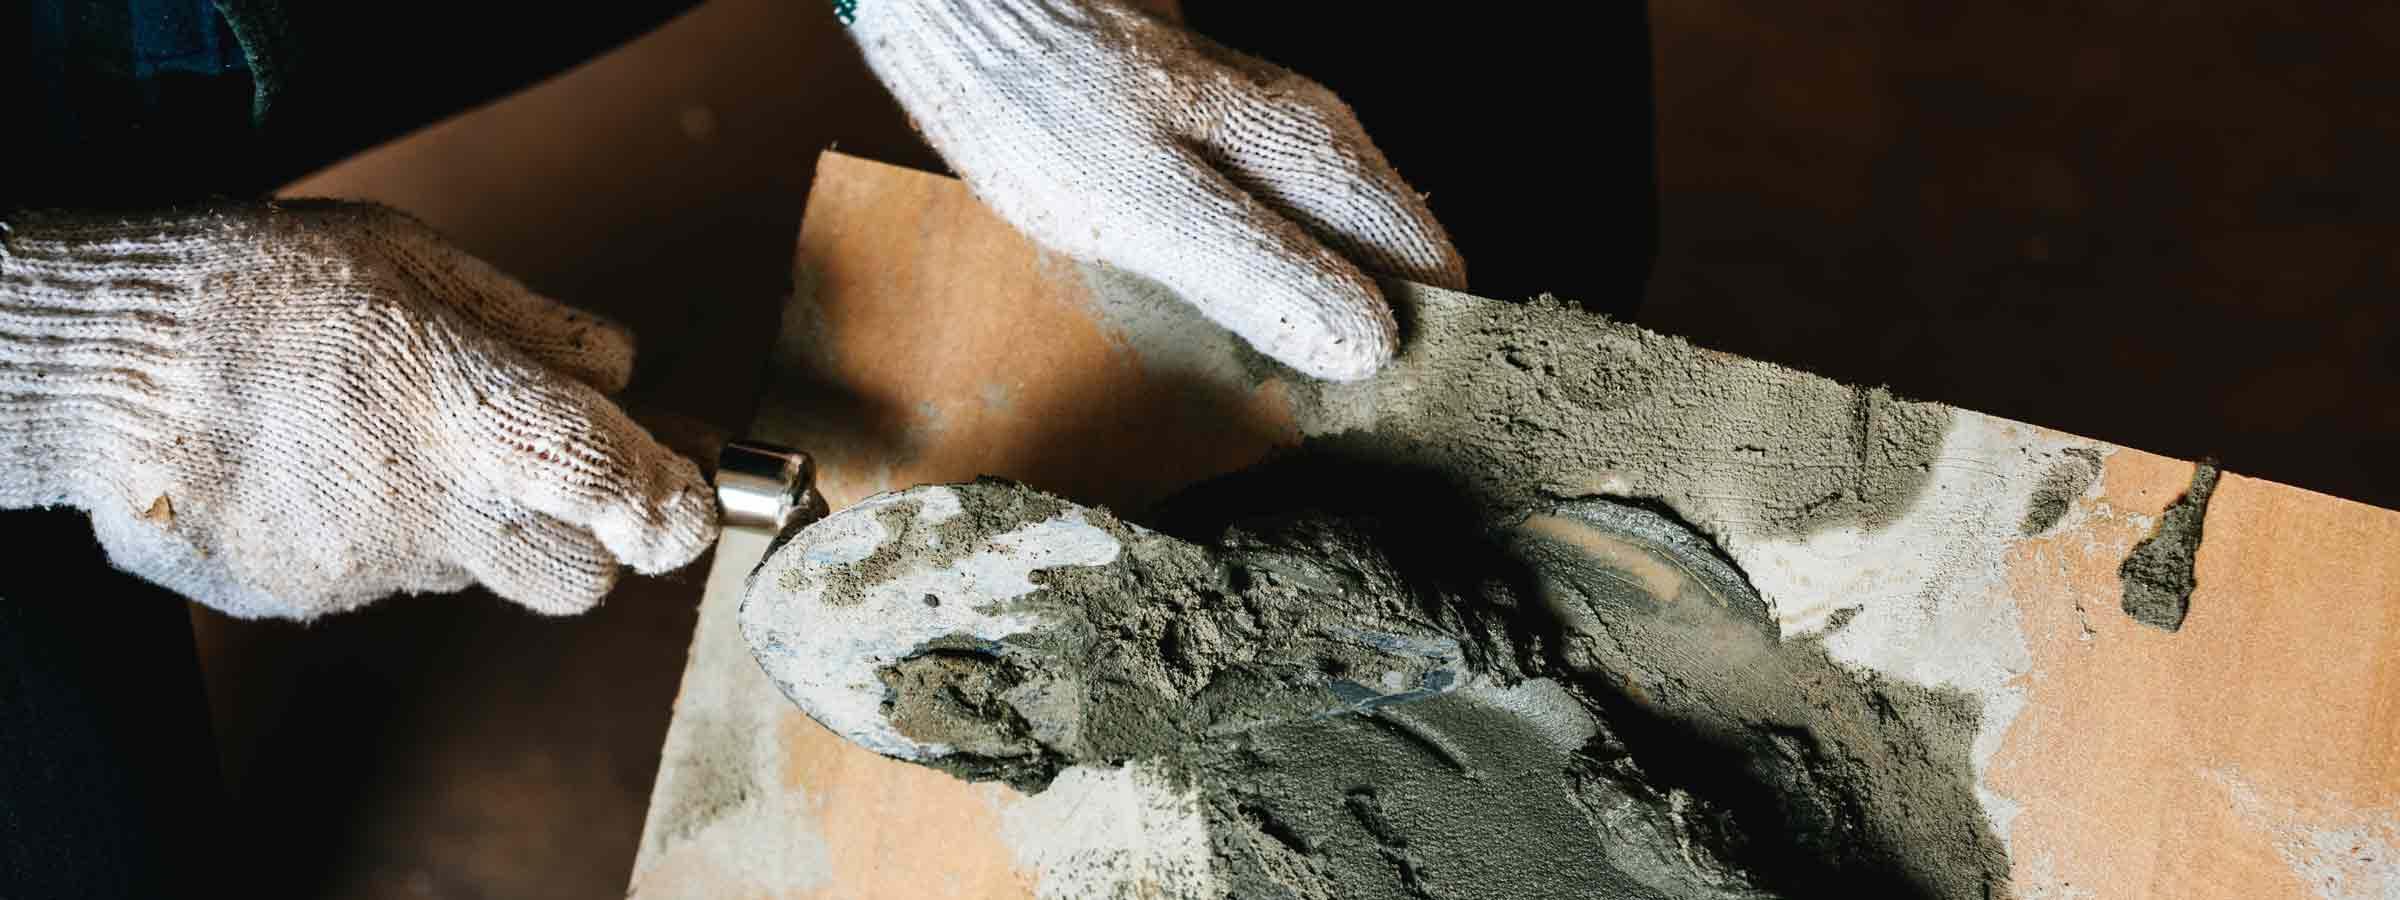 Operaio mentre stende la calce su una superficie in legno